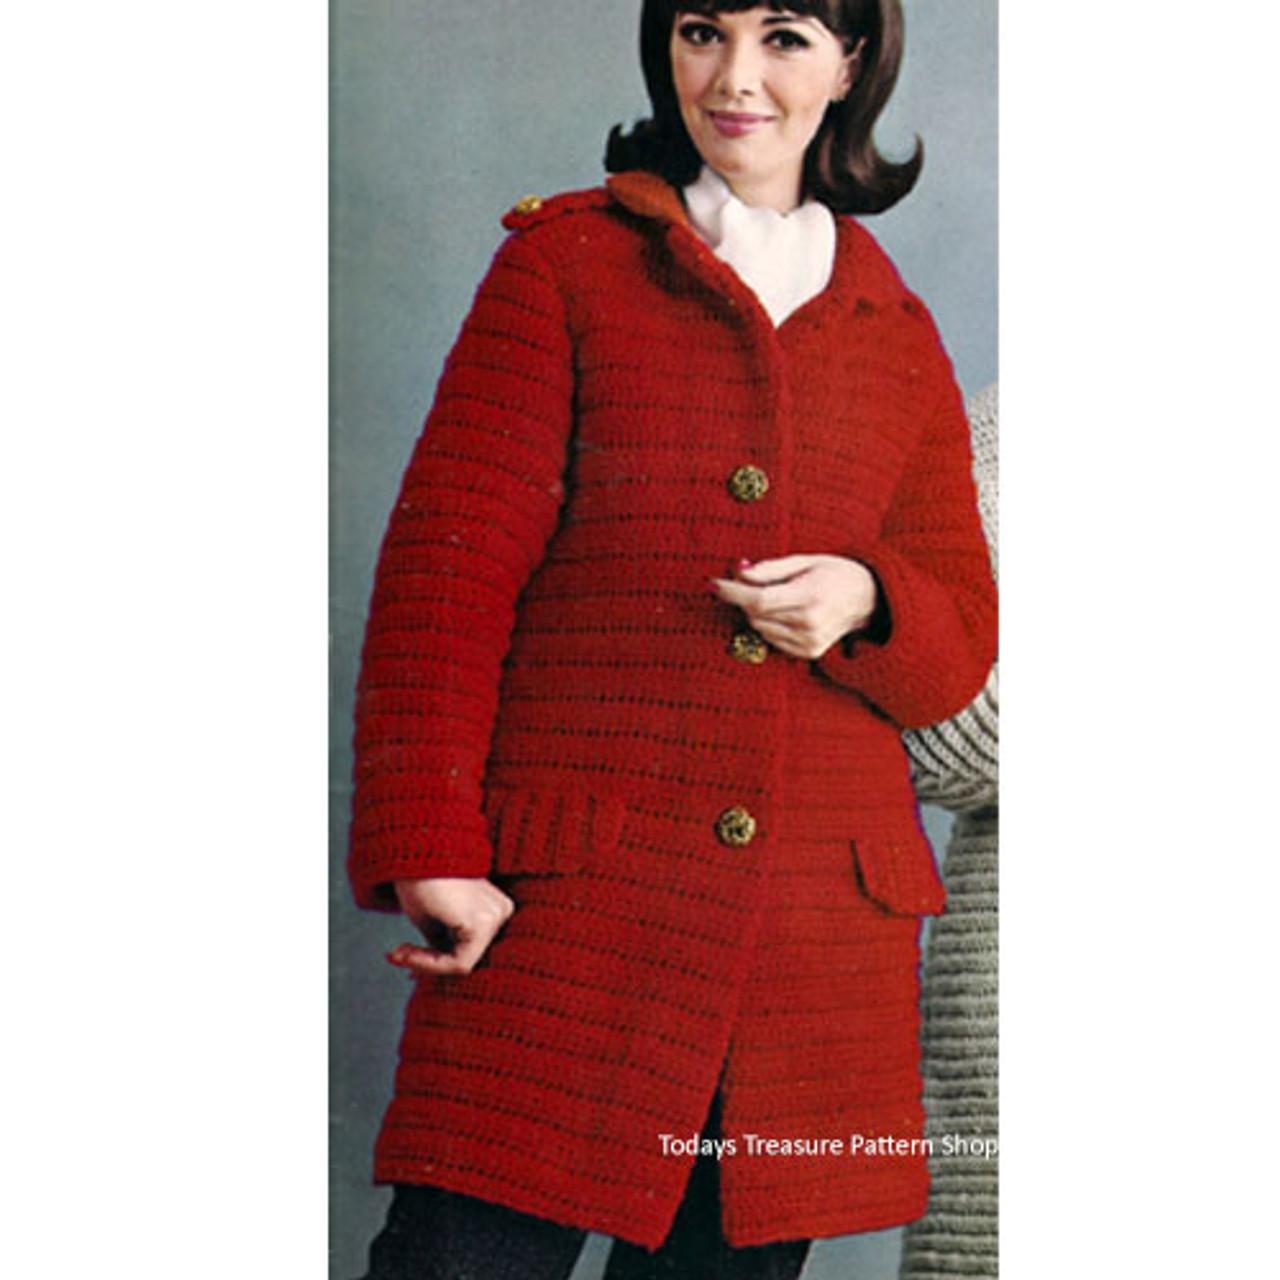 Crocheted Coachman Coat Pattern, Vintage 1950s